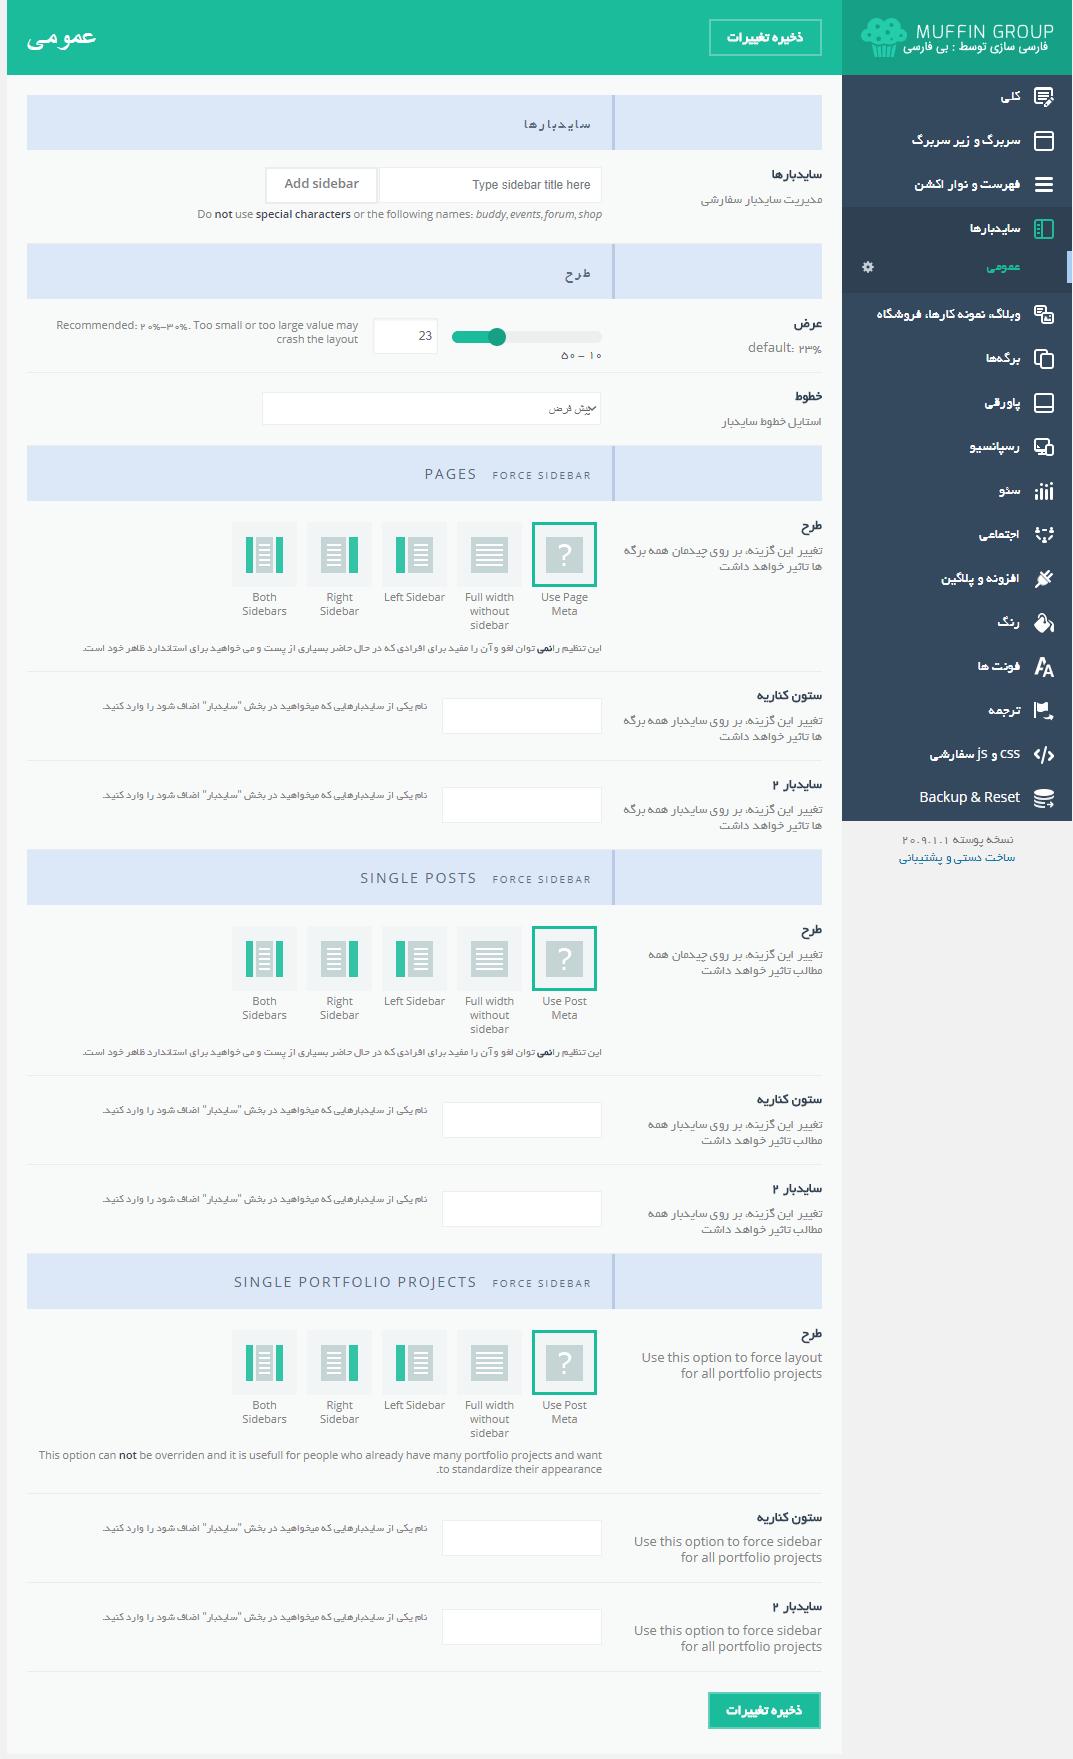 آموزش تنظیمات قالب betheme – سایدبار ها - قالب بی تم